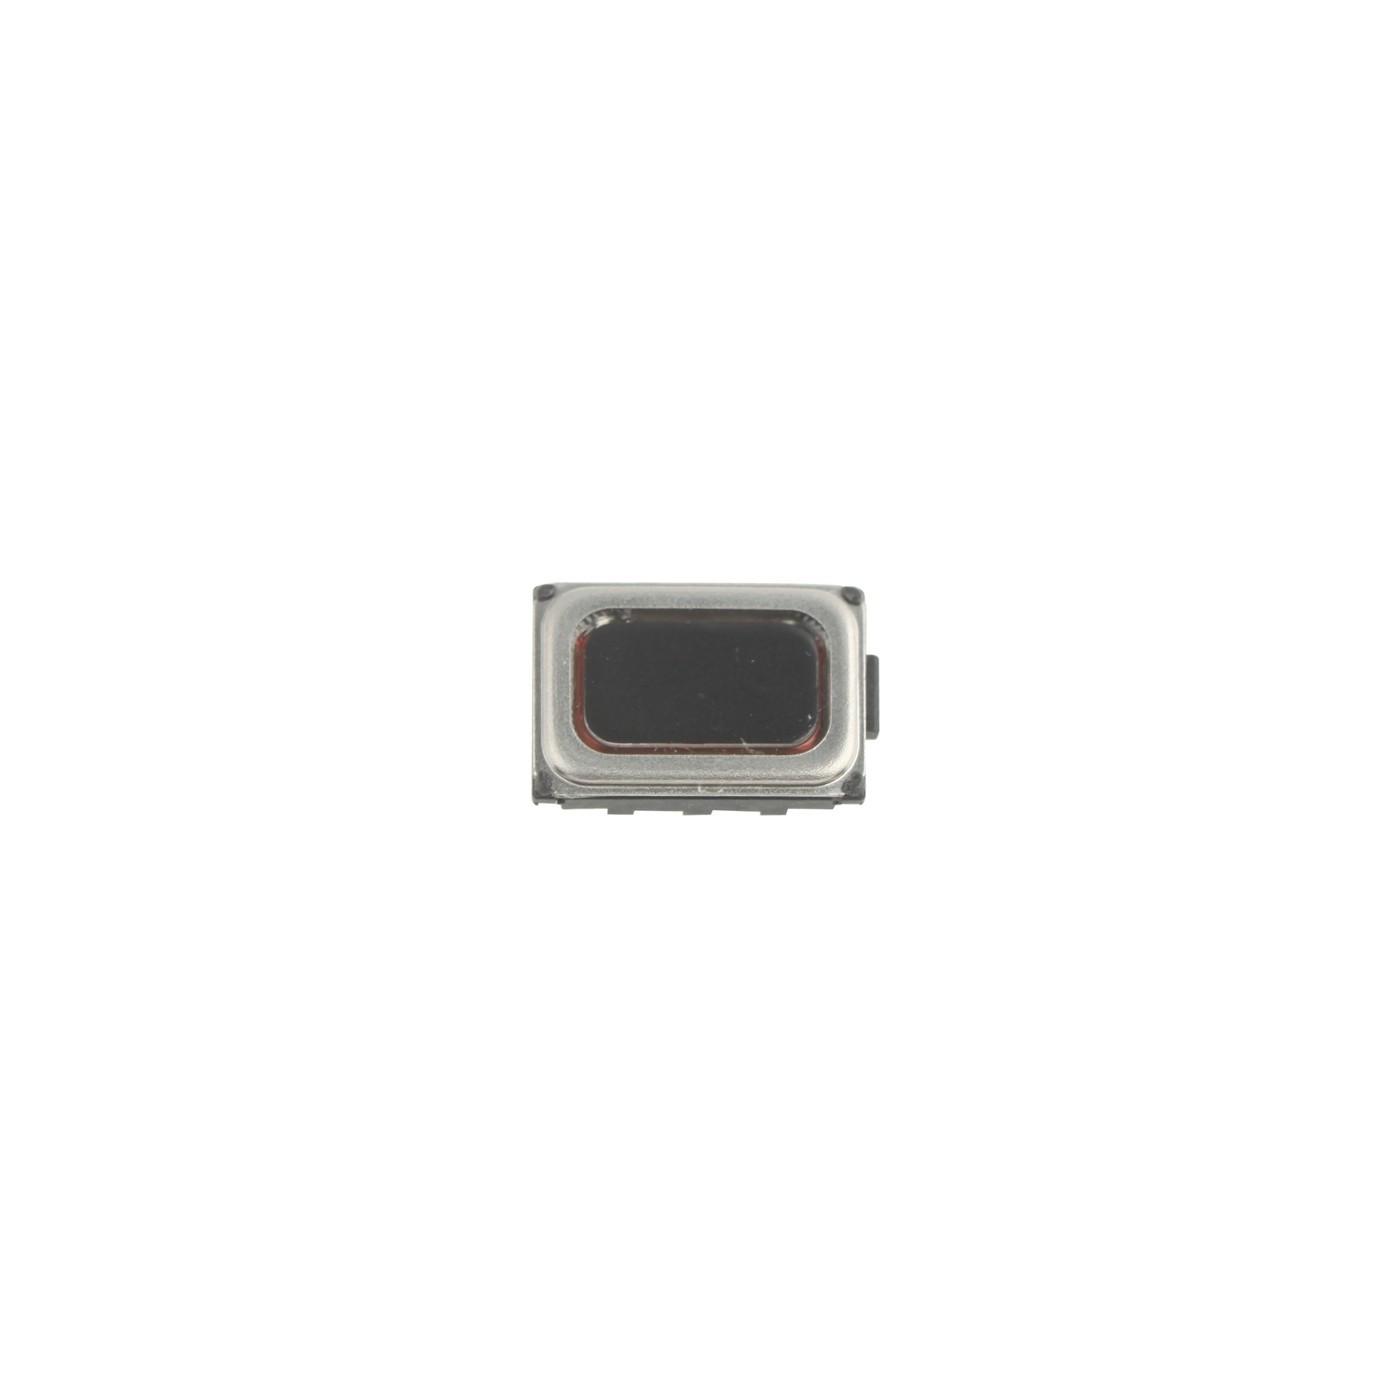 Speaker speaker for Nokia 5530 X6 C7 ring